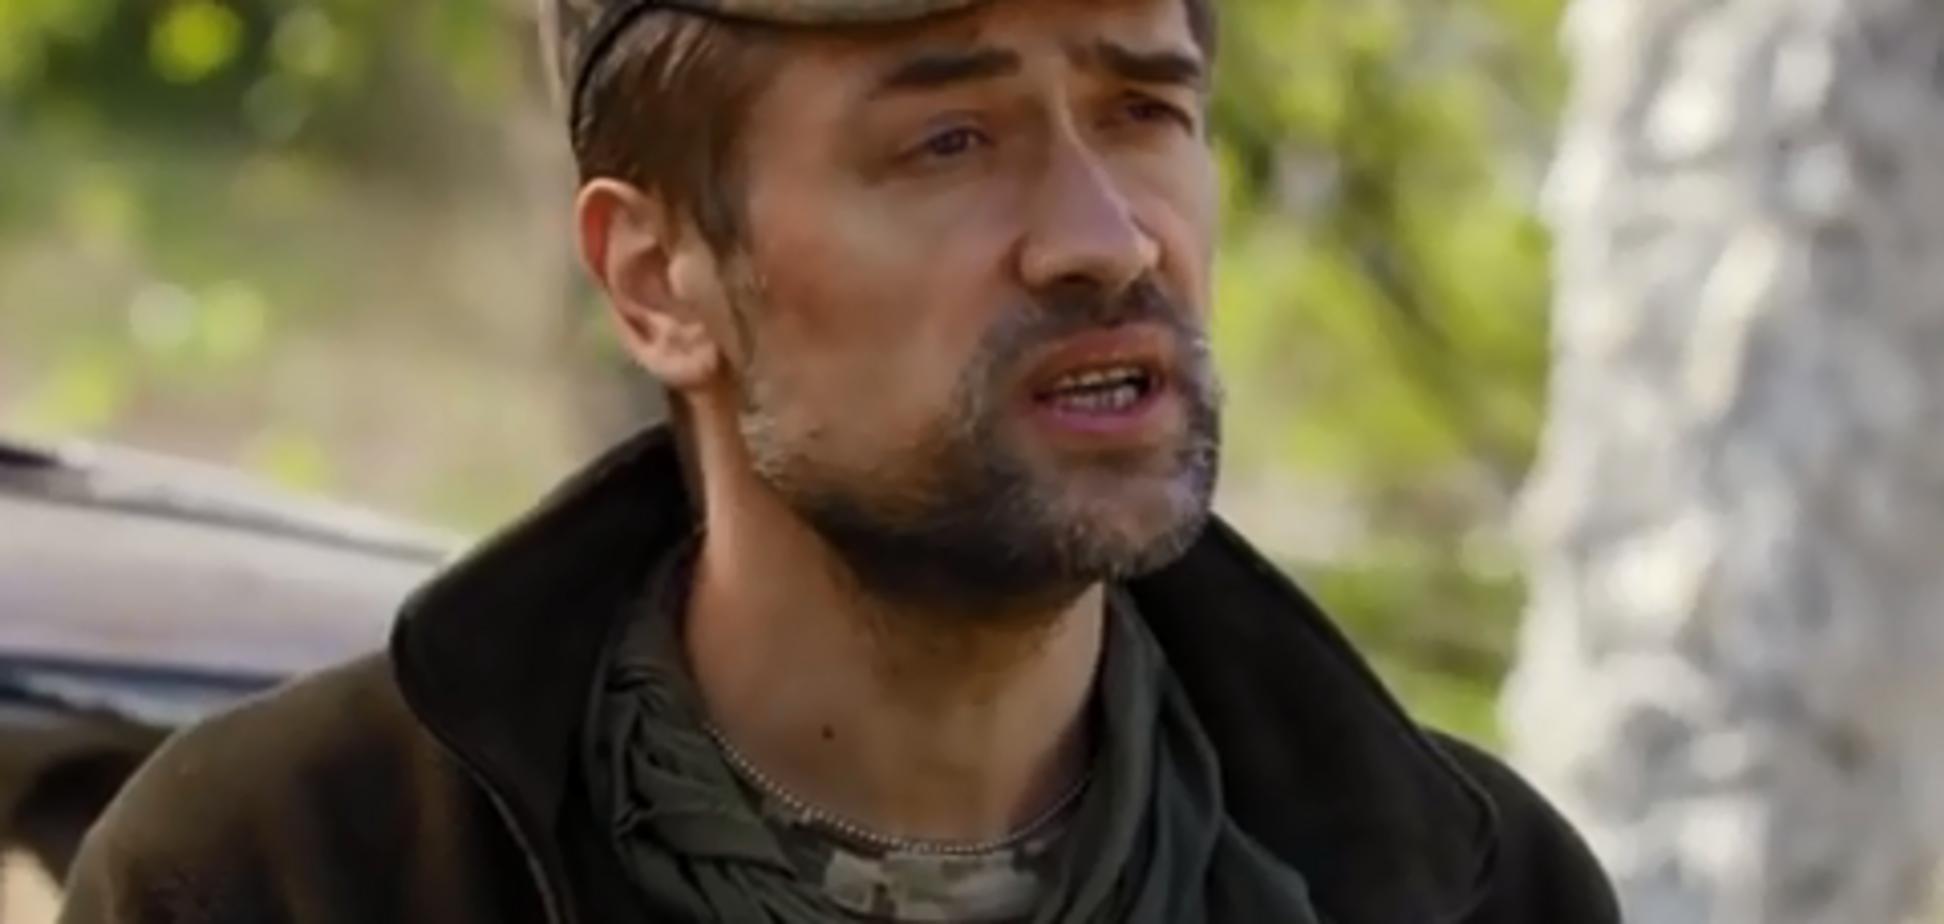 'Пусть не смеют говорить, что украинцы!' Российский актер-доброволец выступил с пронзительной речью